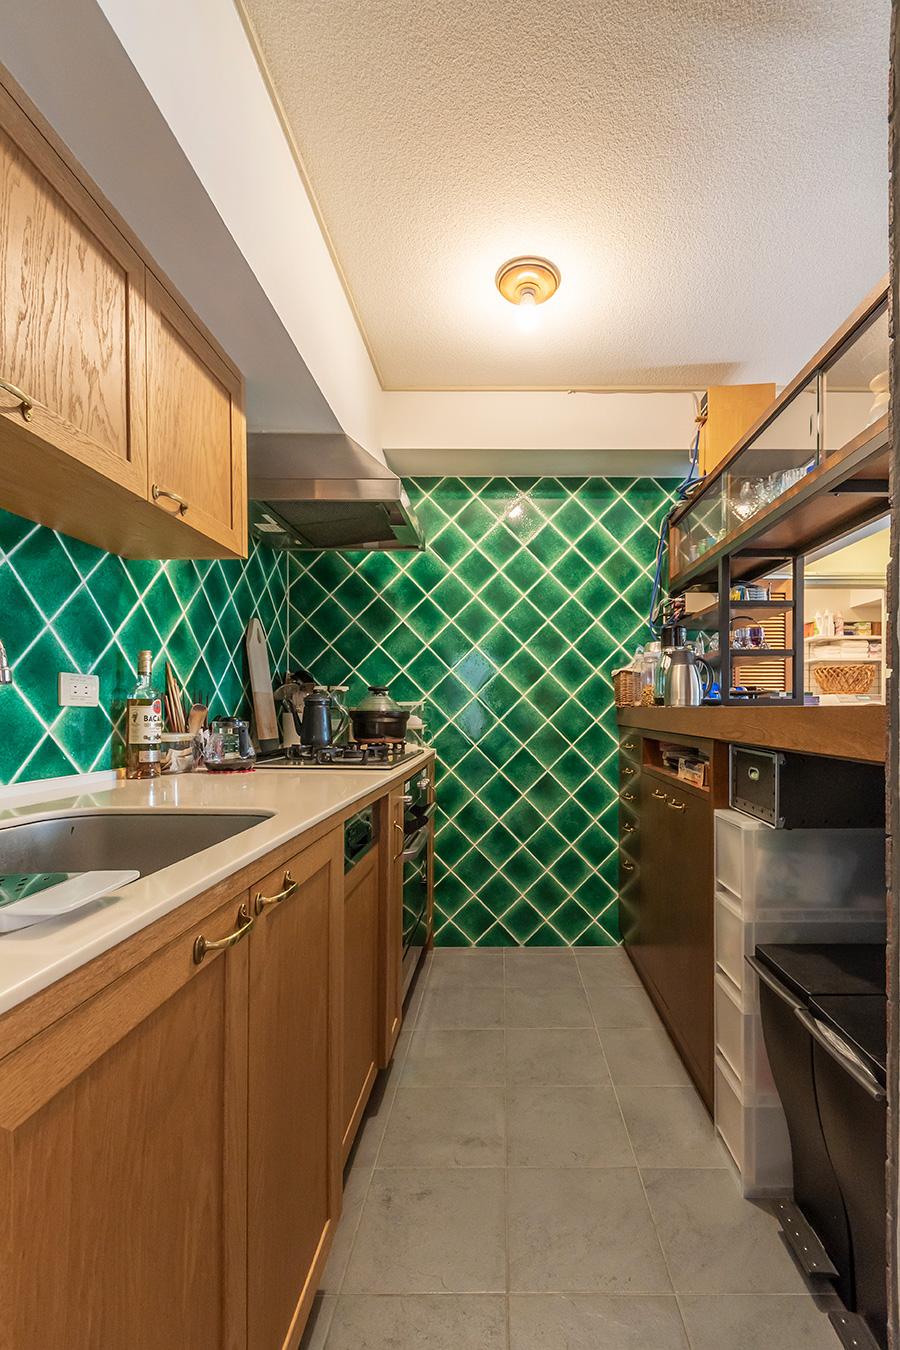 キッチン壁面には印象的な緑色のタイルを選んだ。